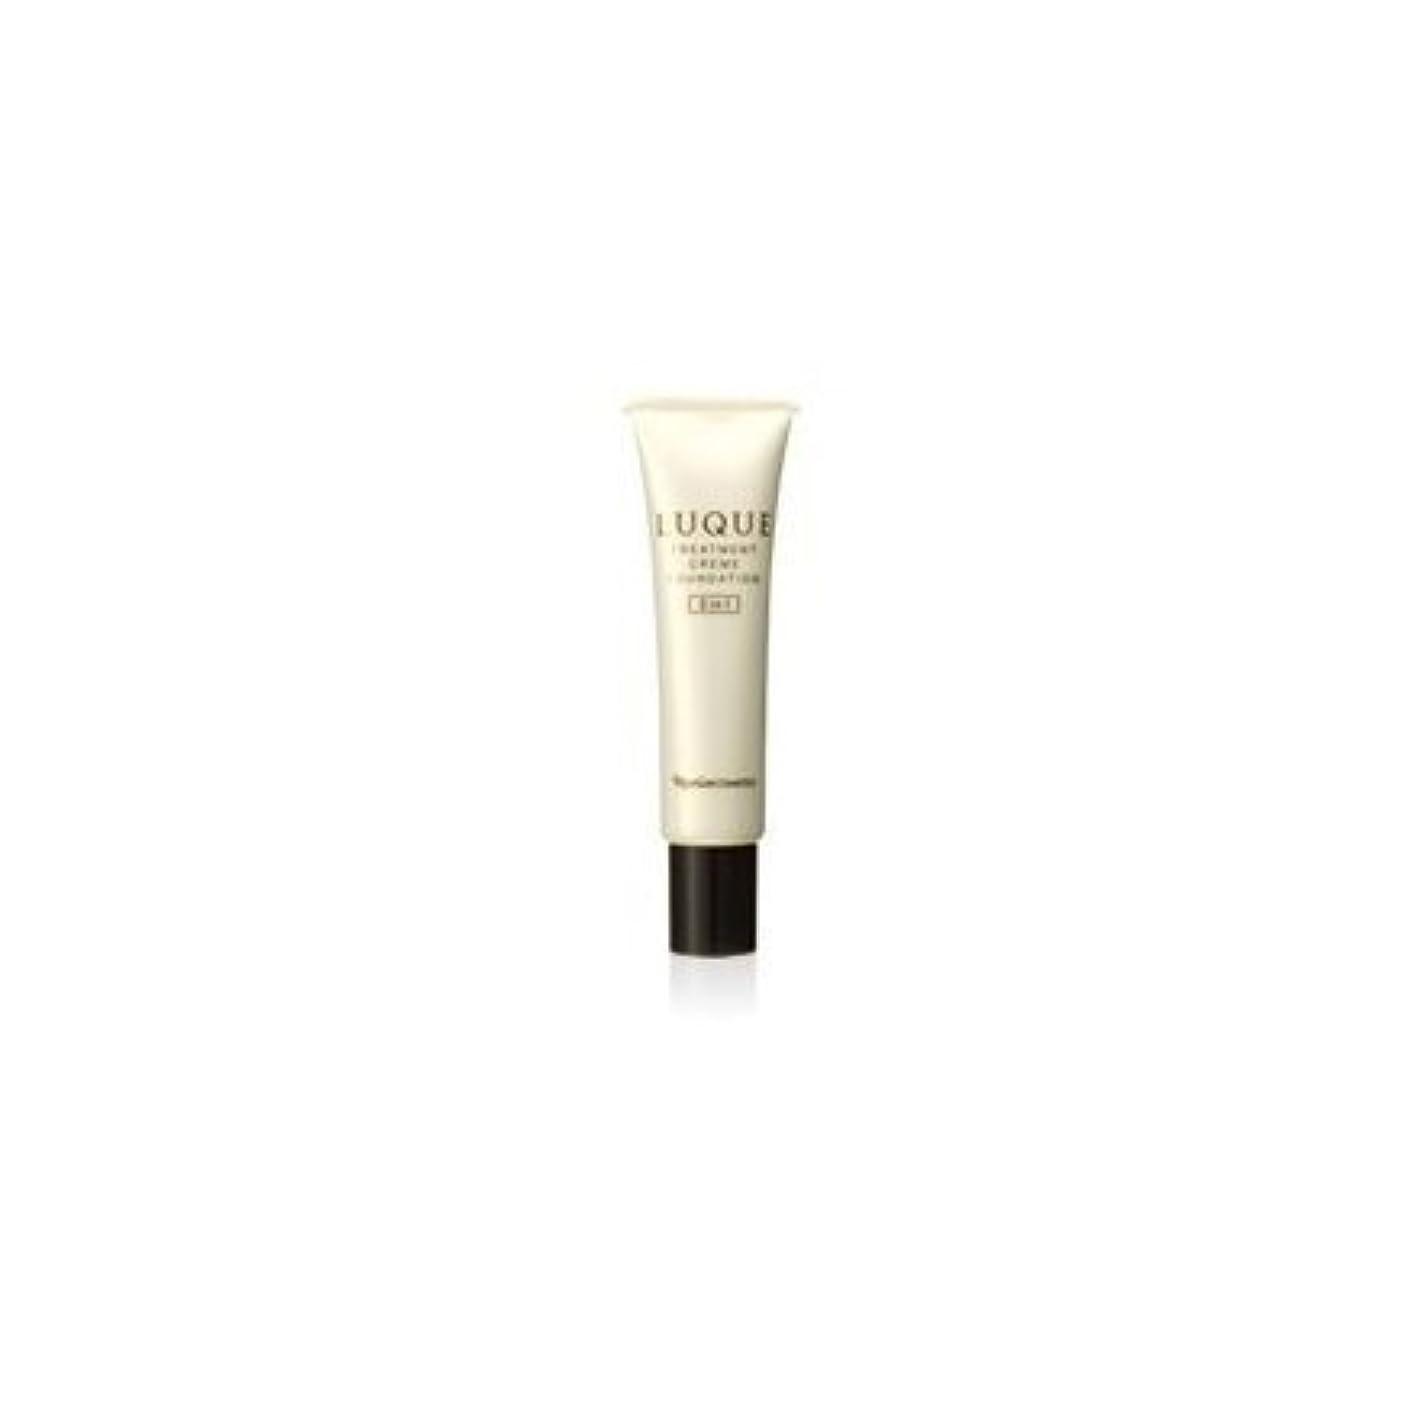 スキームあなたのもの雄弁なナリス化粧品ルクエトリートメントクリームファンデーション 25g SPF17 PA++02ナチュラル